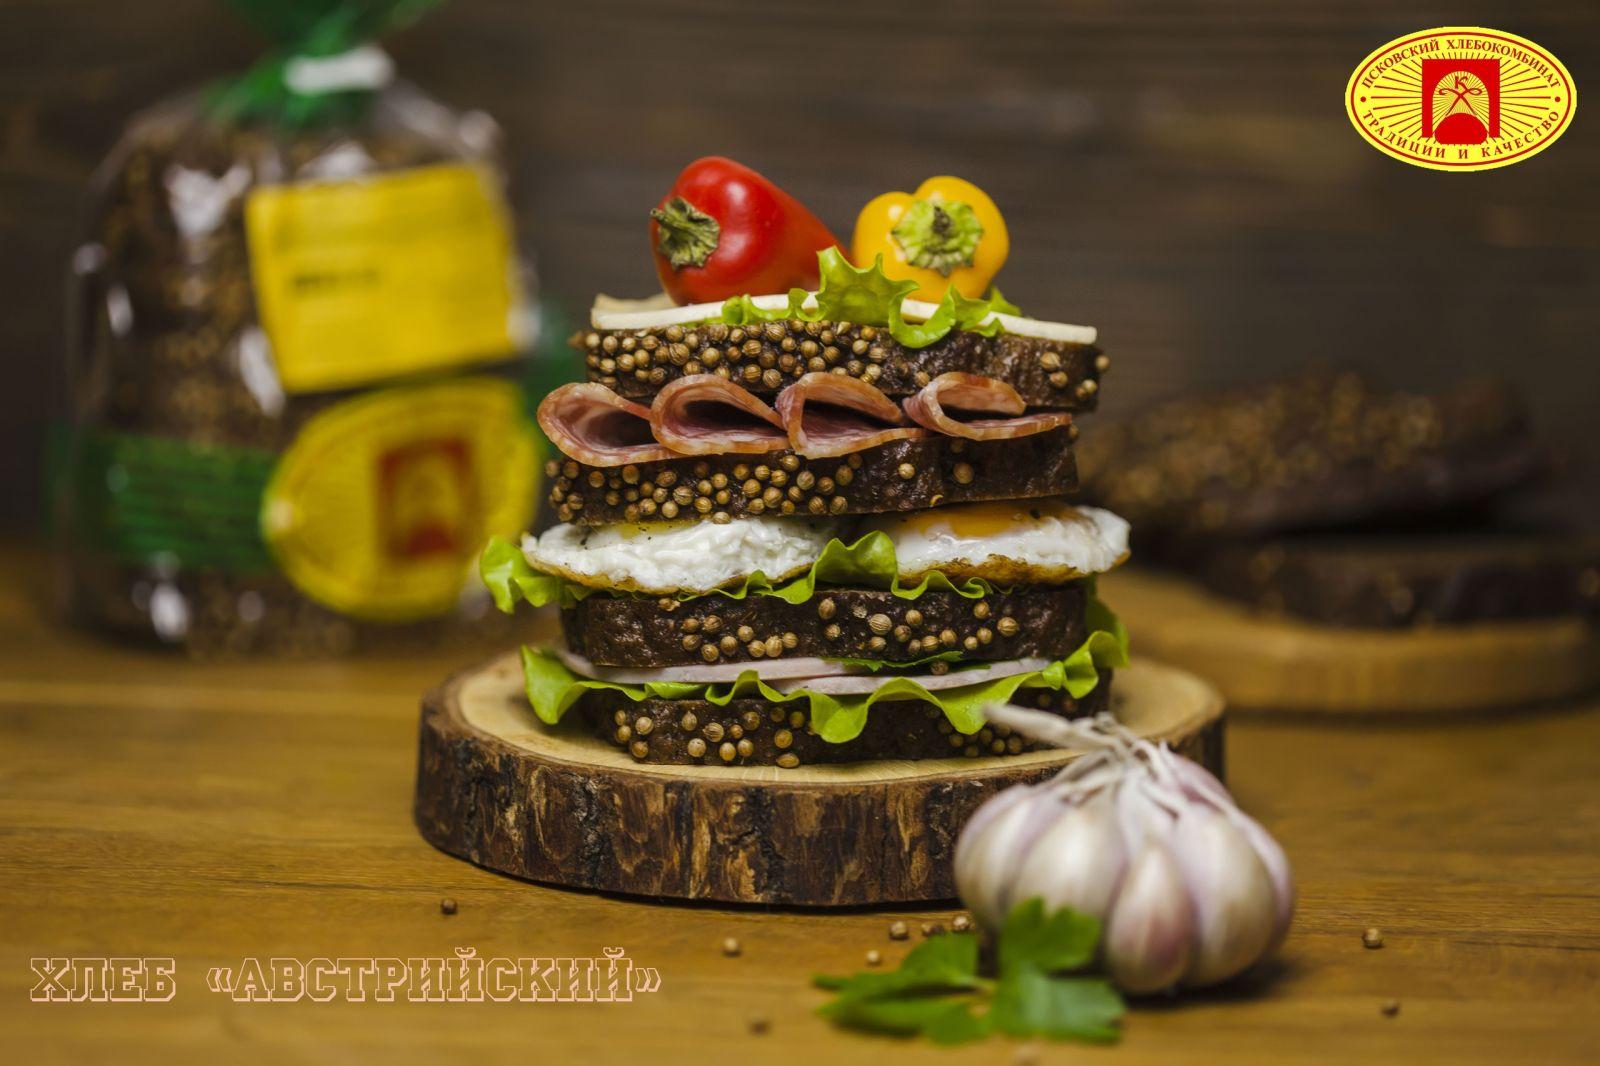 Хлеб Австрийский